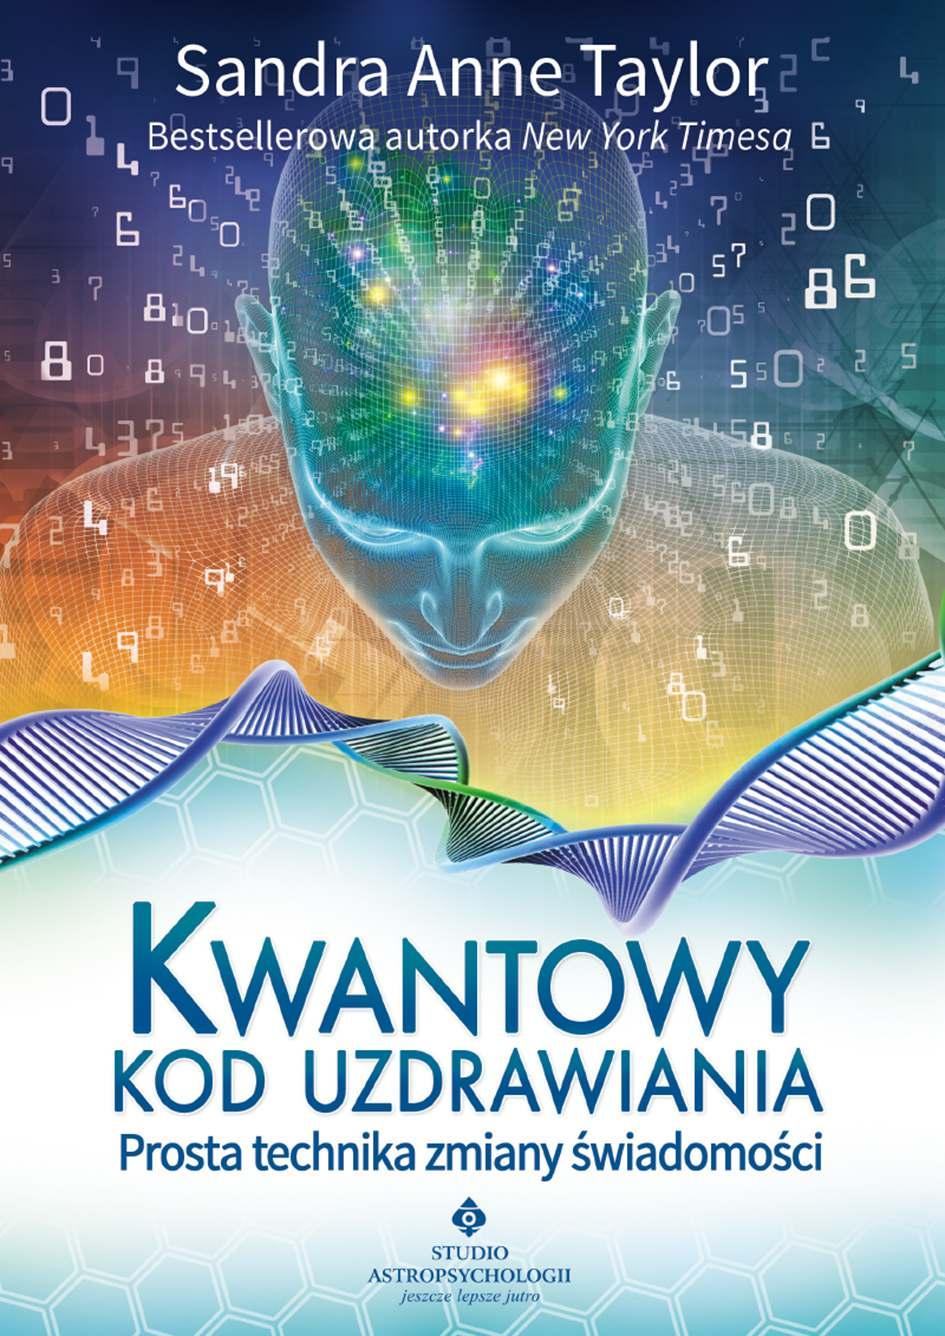 Kwantowy kod uzdrawiania. Prosta technika zmiany świadomości - Ebook (Książka na Kindle) do pobrania w formacie MOBI